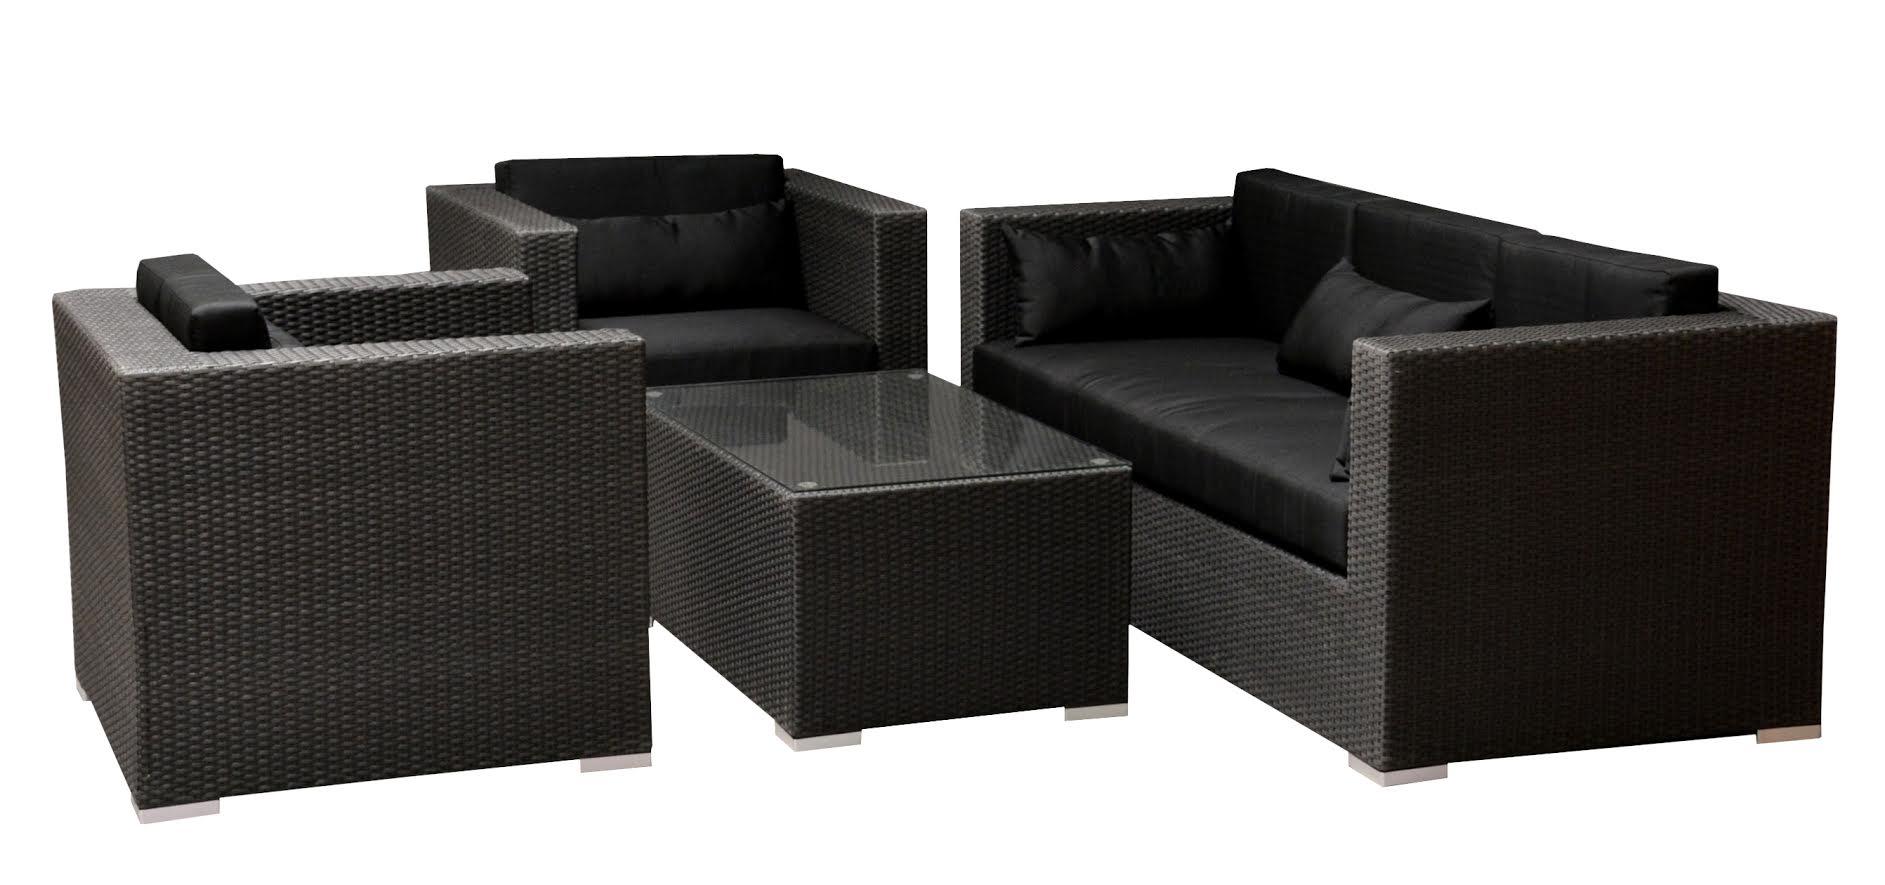 Lounge havemøbelsæt. Polyrattan - Lounge havemøbelsæt. Udført i sort polyrattan. Bestående af to stole, sofa samt bord med glasplade. Med vandafvisende hynder samt puder. Mål: Stol: H. 70 cm. B. 86 cm. Sh. 31/46 cm. Sofa: H. 70 cm. B. 185 cm. SH. 31/46 cm. Bord mål: B. 60 cm....